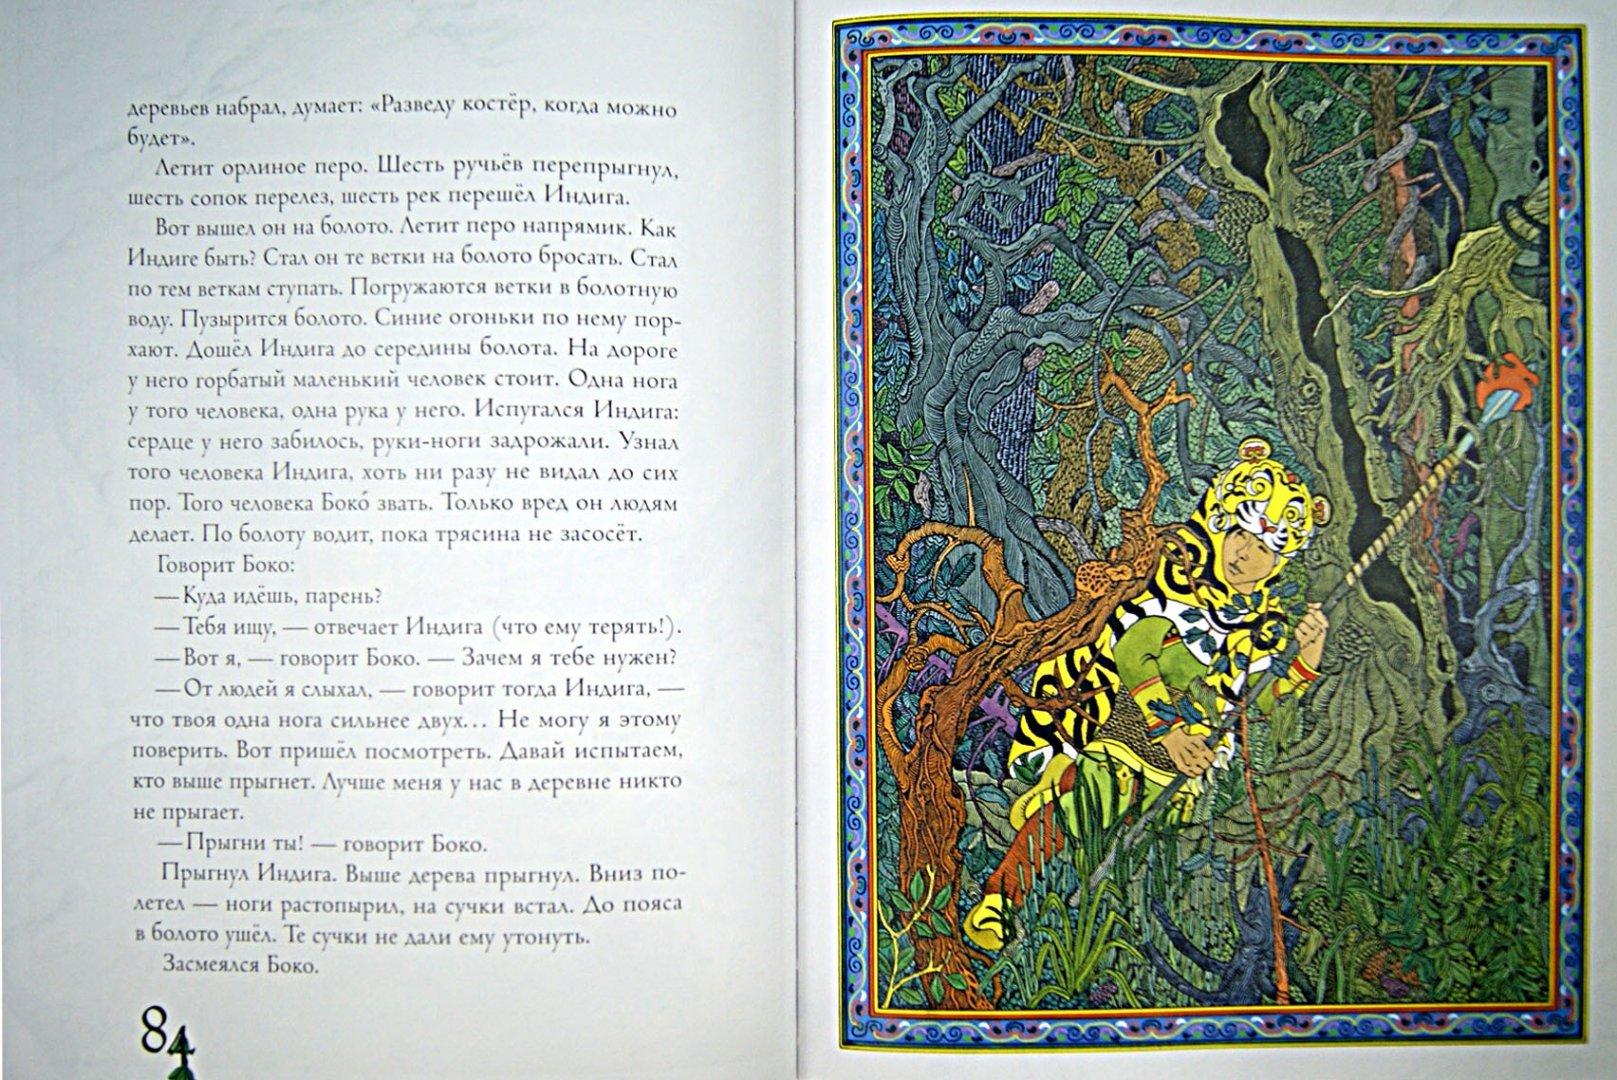 Иллюстрация 1 из 98 для Амурские сказки - Дмитрий Нагишкин | Лабиринт - книги. Источник: Лабиринт